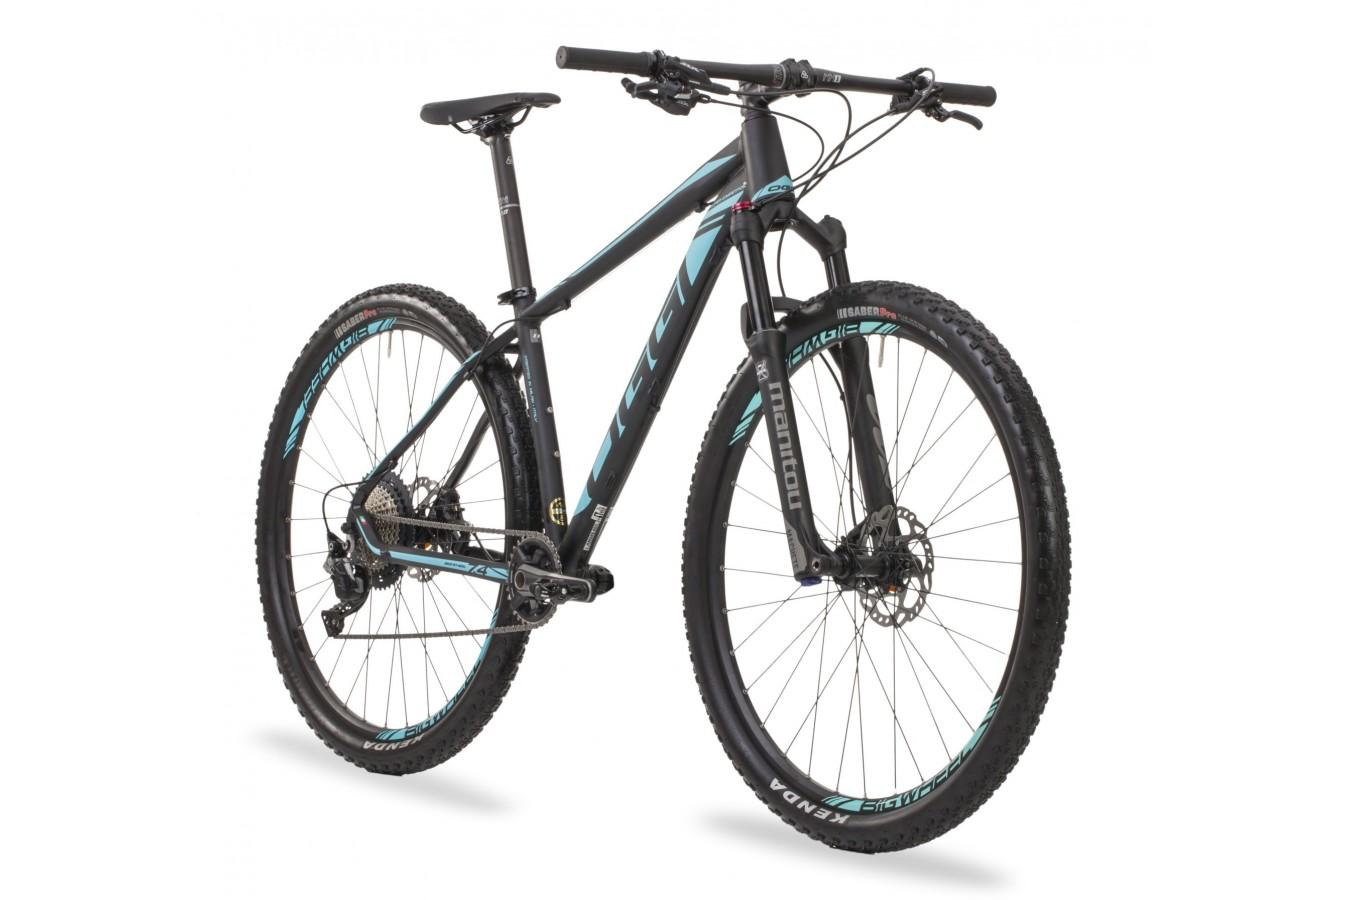 Bicicleta 29 7.4 Alumínio 22V Freio Hidráulico SLX 2018 - OGGI